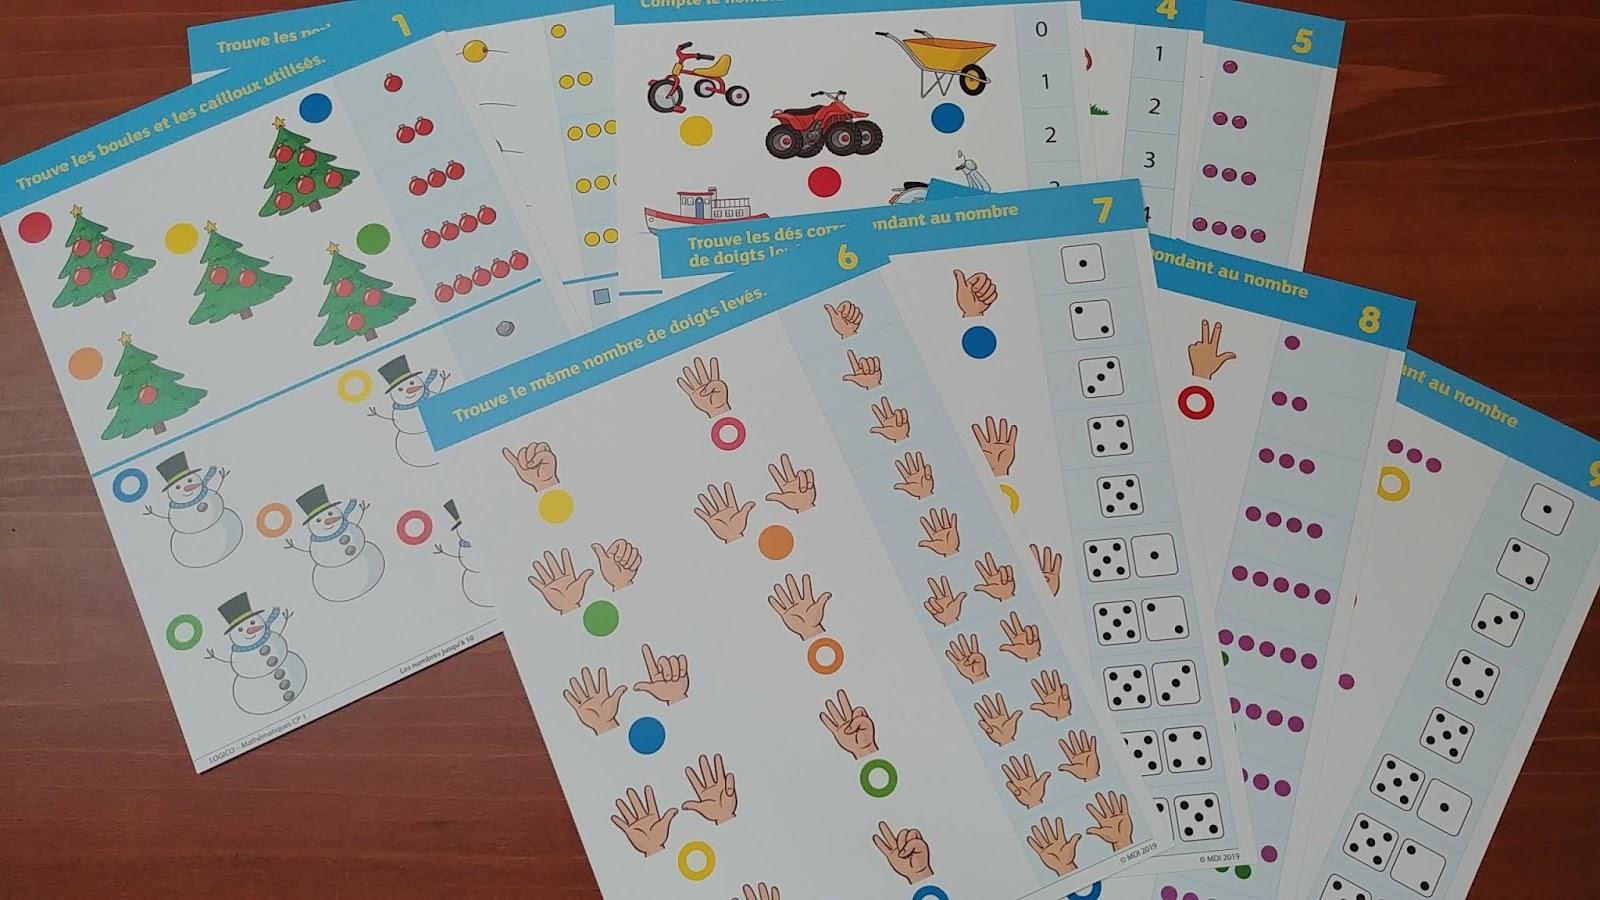 Jeux Maths - Le Petit Cartable De Sanleane concernant Jeux De Maths Gratuit